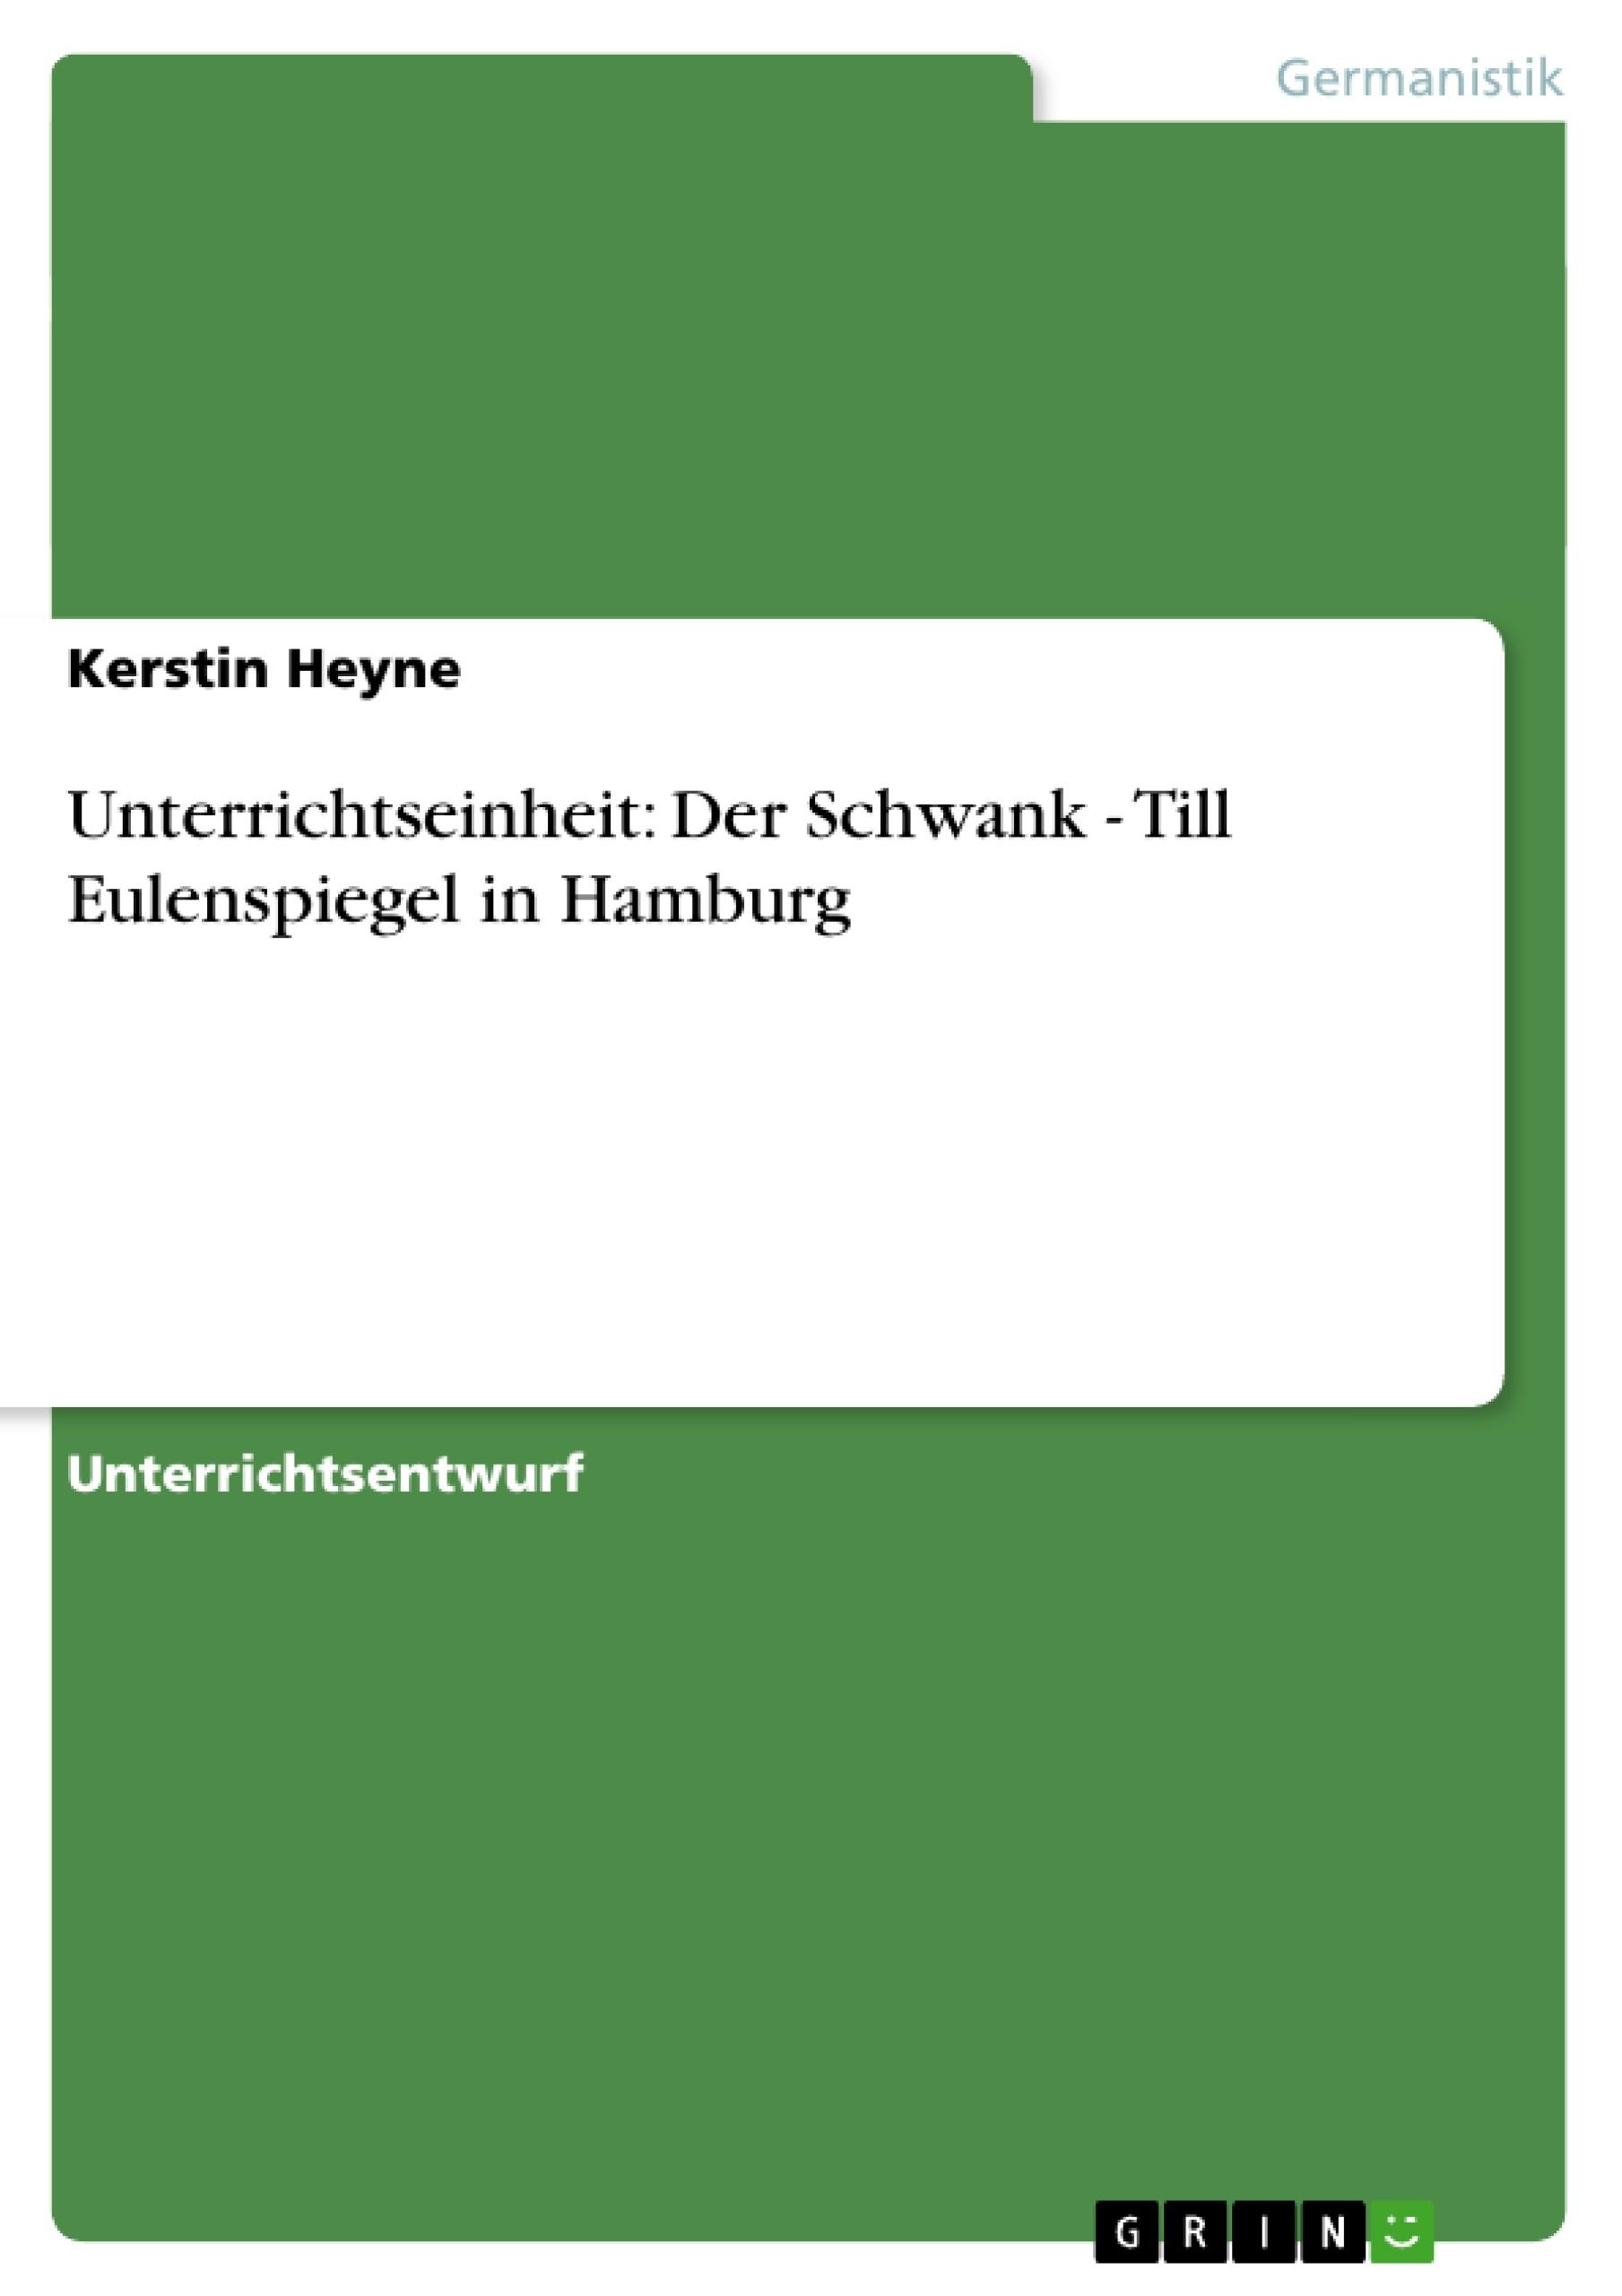 Titel: Unterrichtseinheit: Der Schwank - Till Eulenspiegel in Hamburg